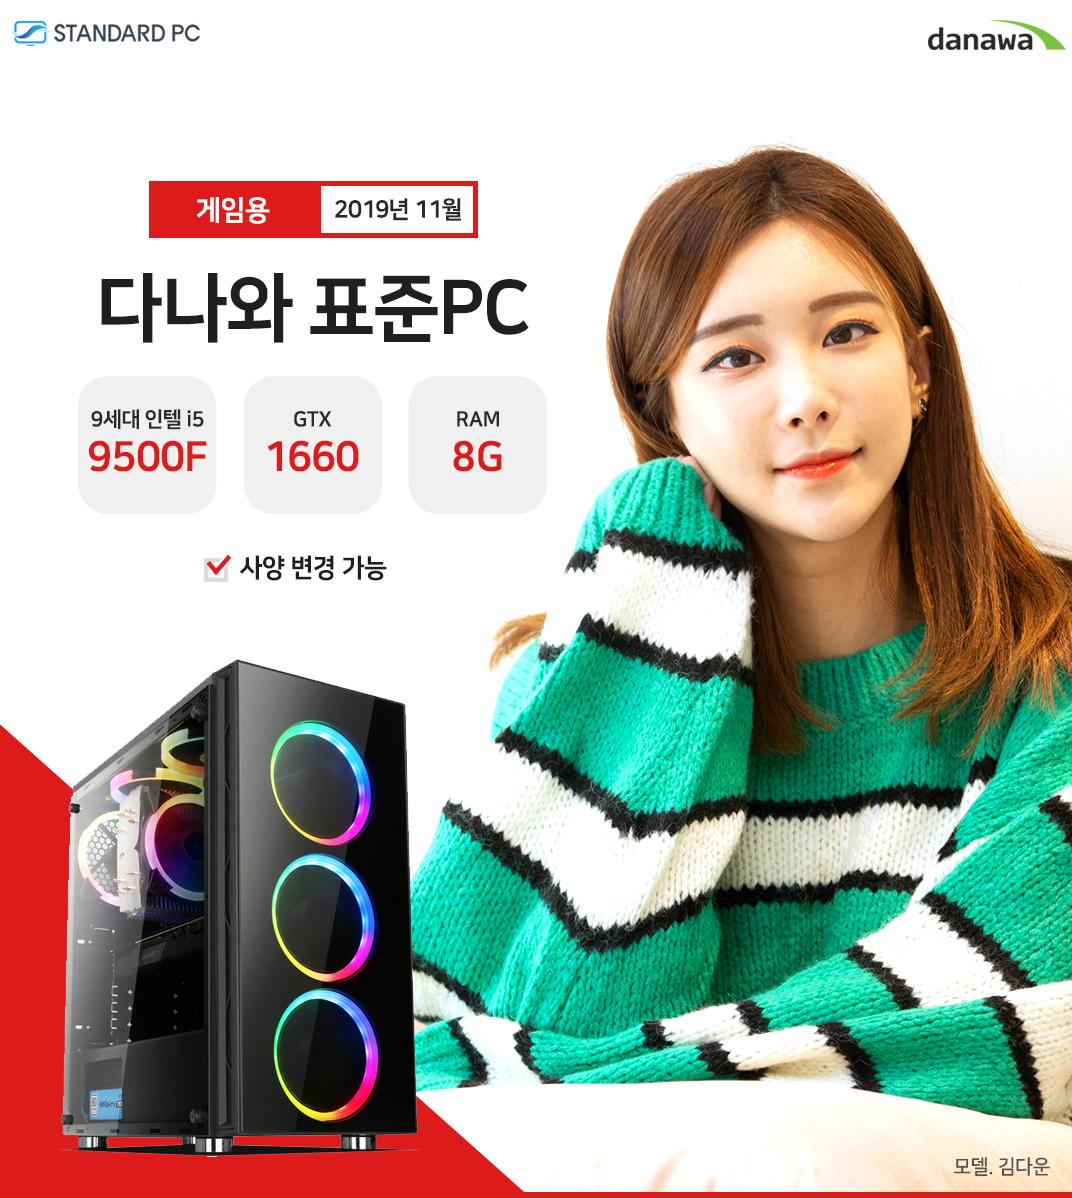 2019년 11월 다나와 표준PC 멀티디미어용 인텔 i5-9세대 9400F GTX1660 RAM 8G 모델 문가경